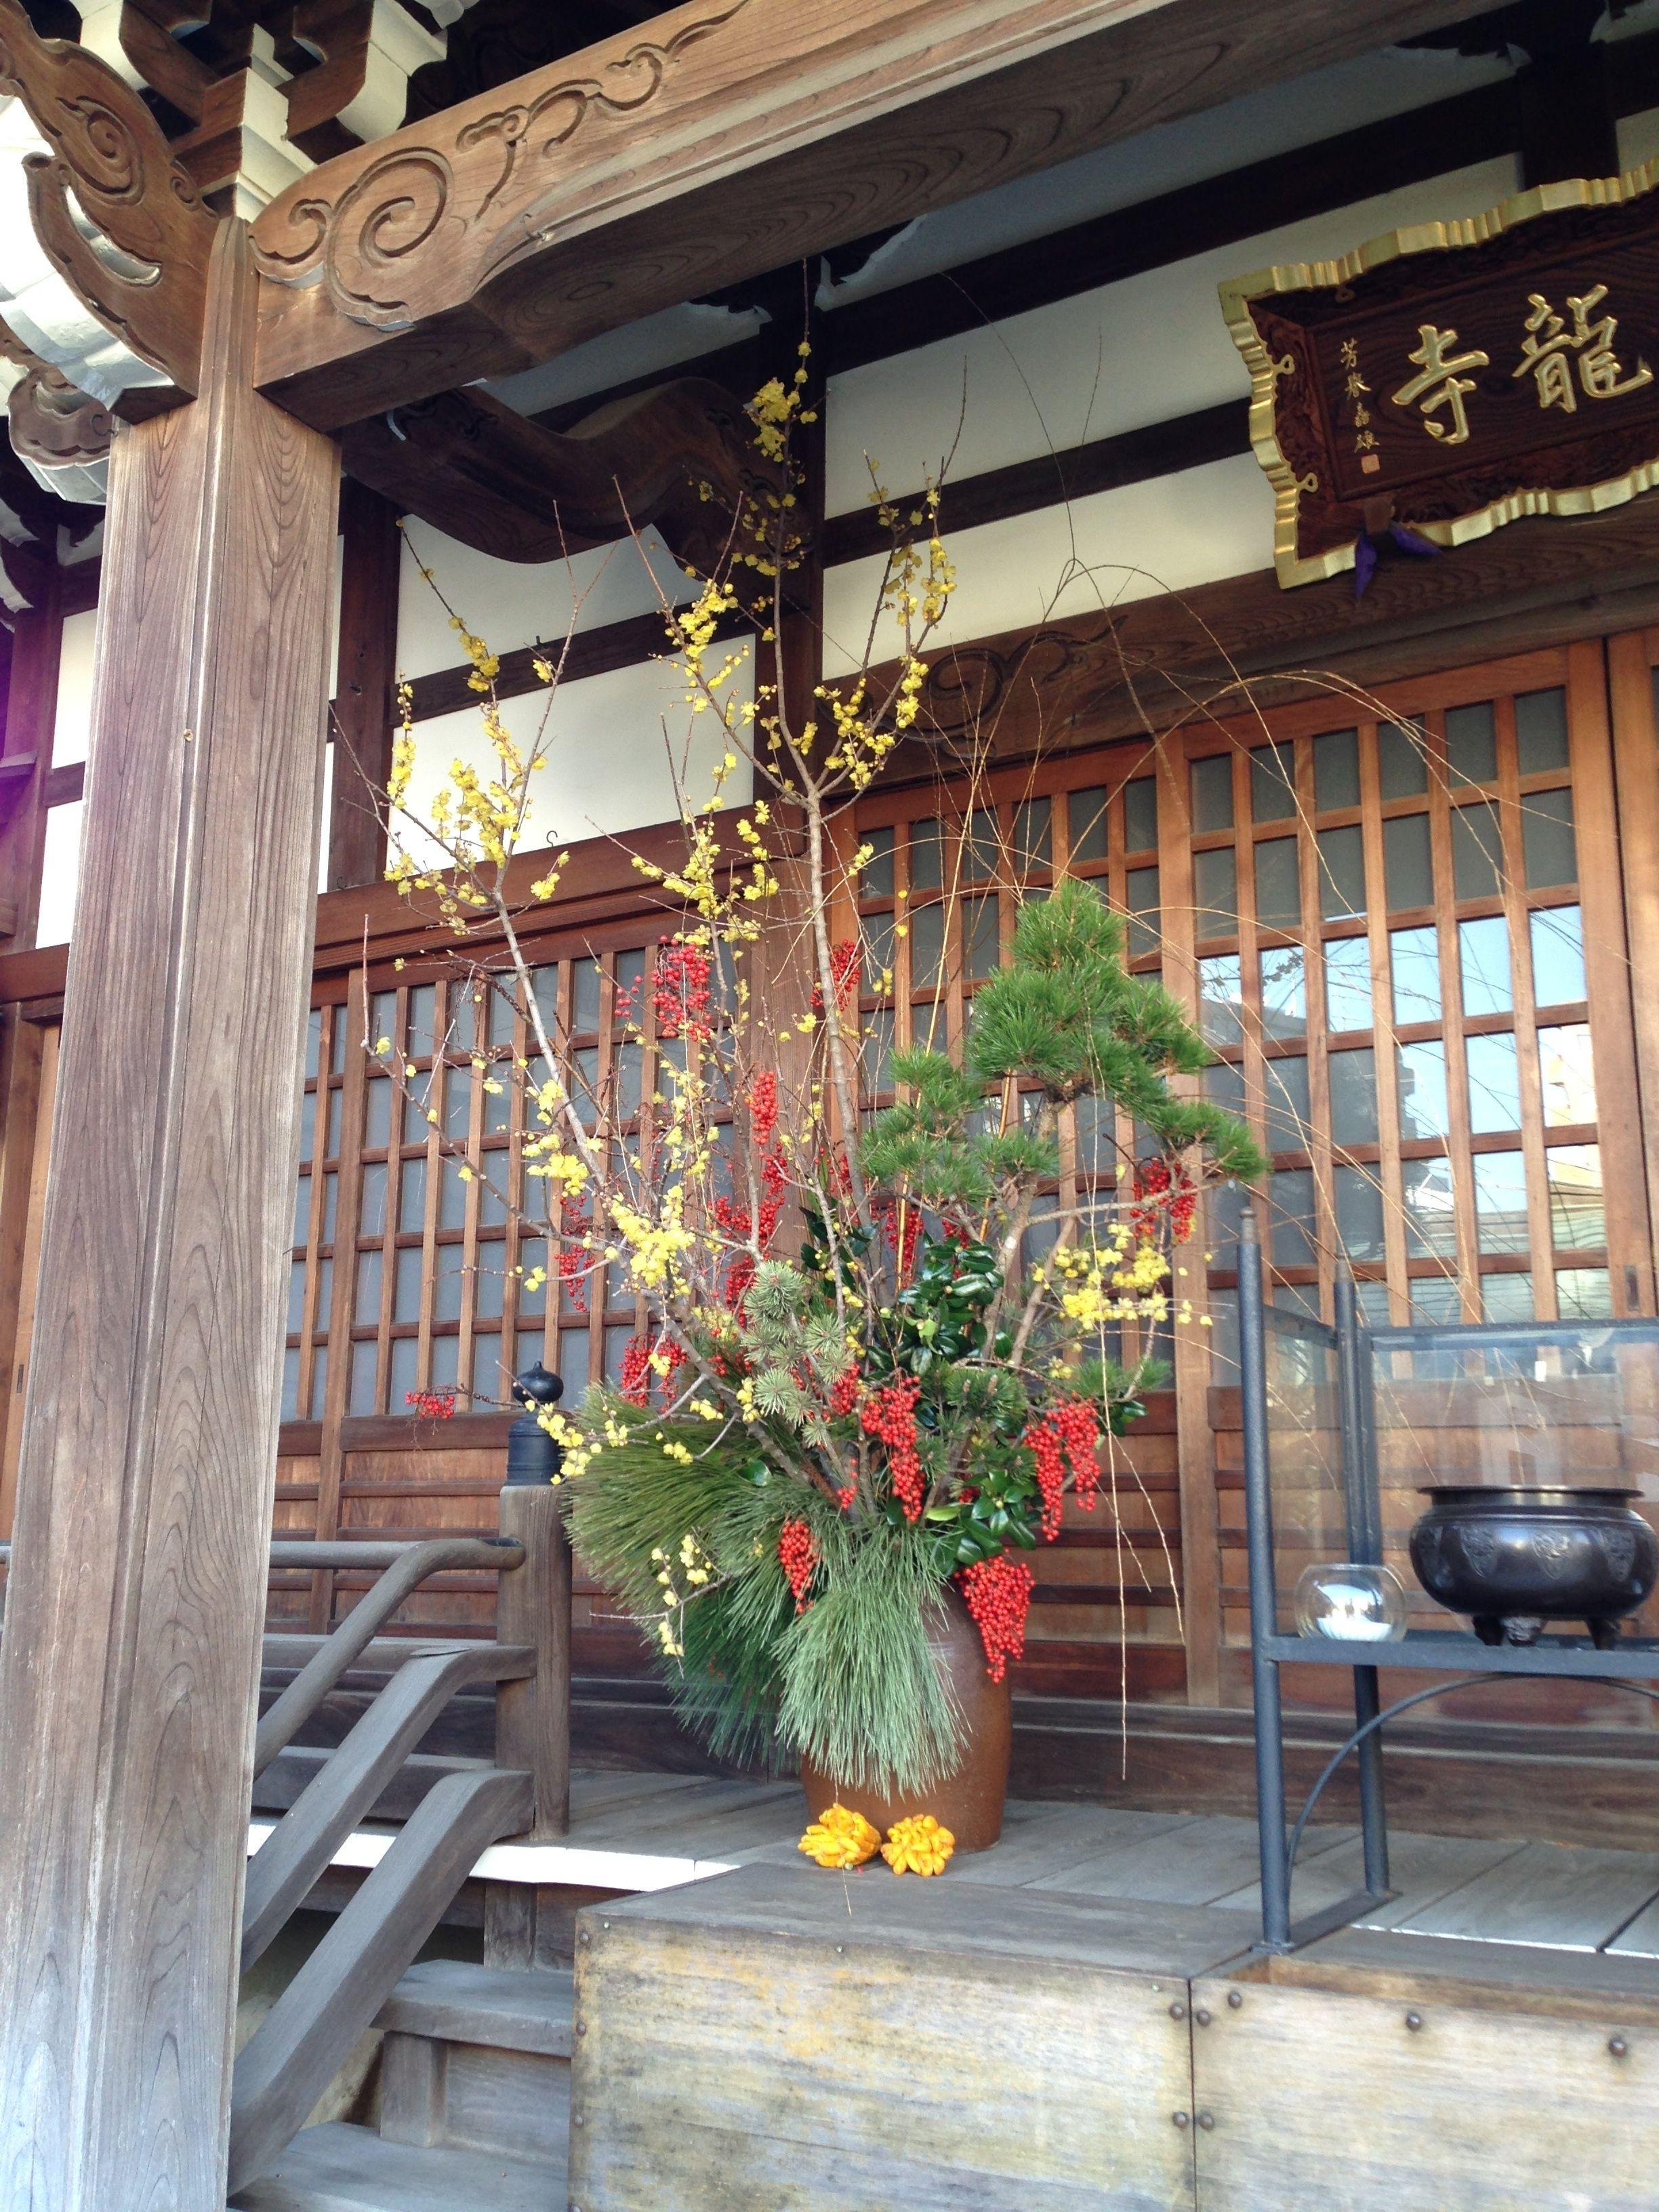 Beautiful Kadomatsu (Japanese New Year decoration